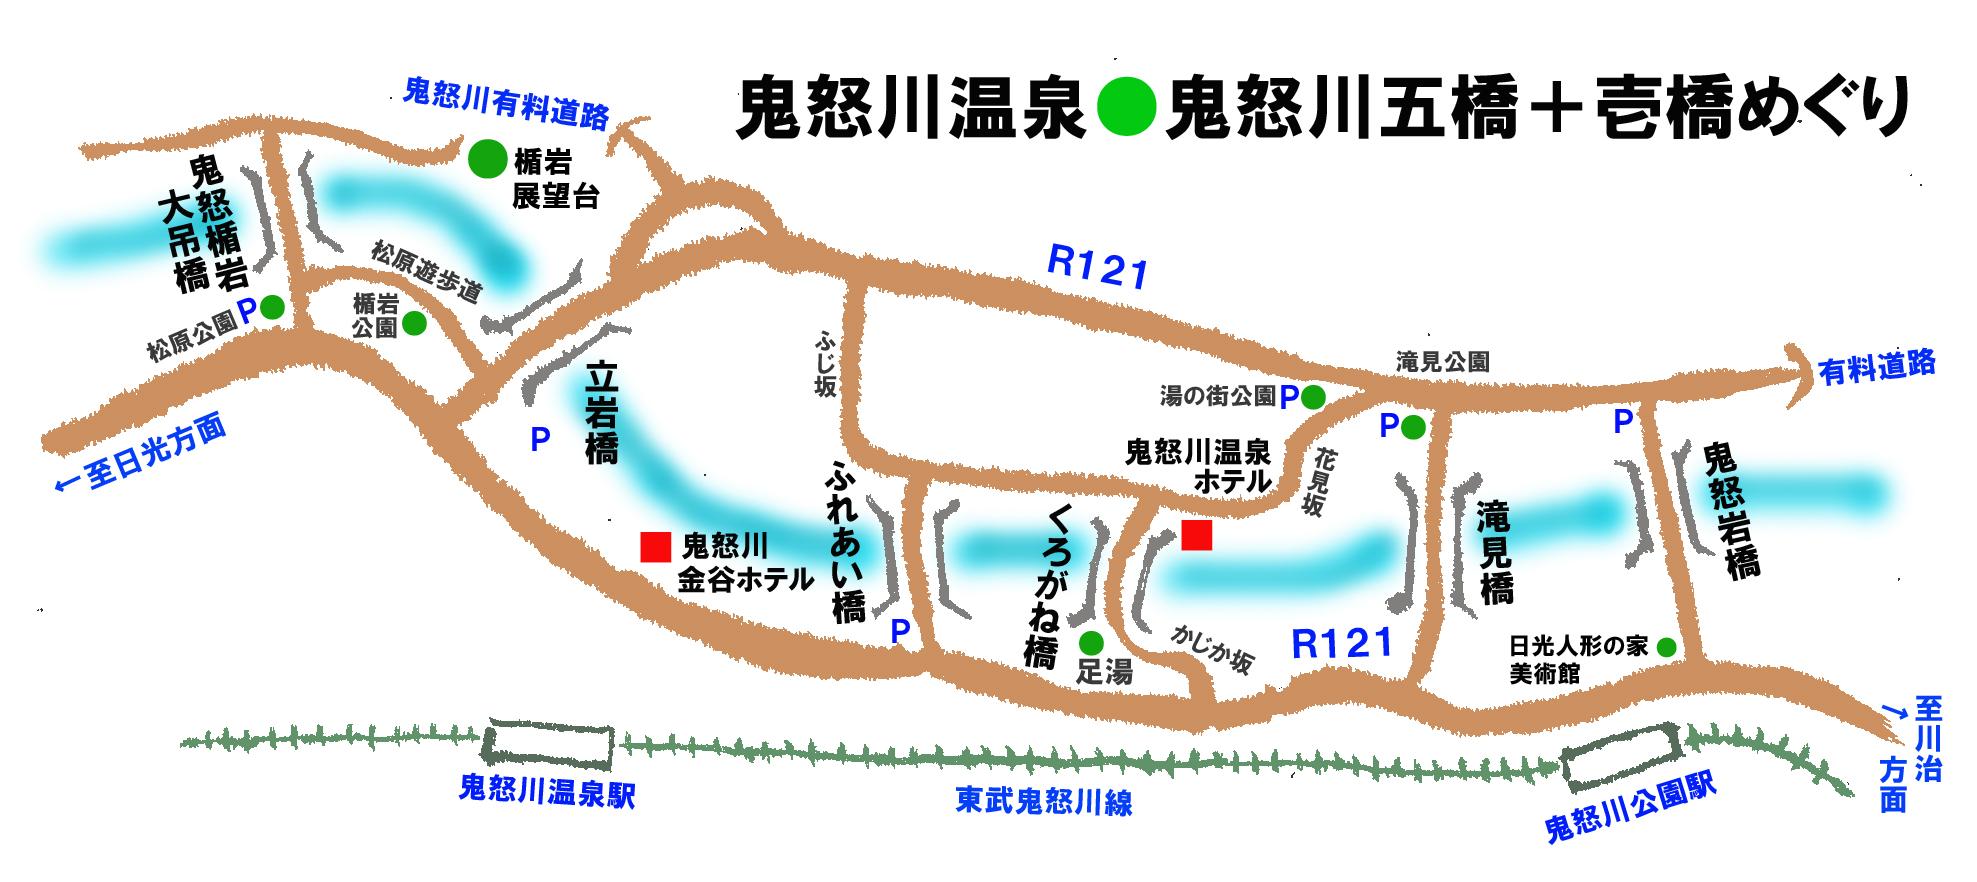 鬼怒川五+壱橋めぐり マップ画像.jpg